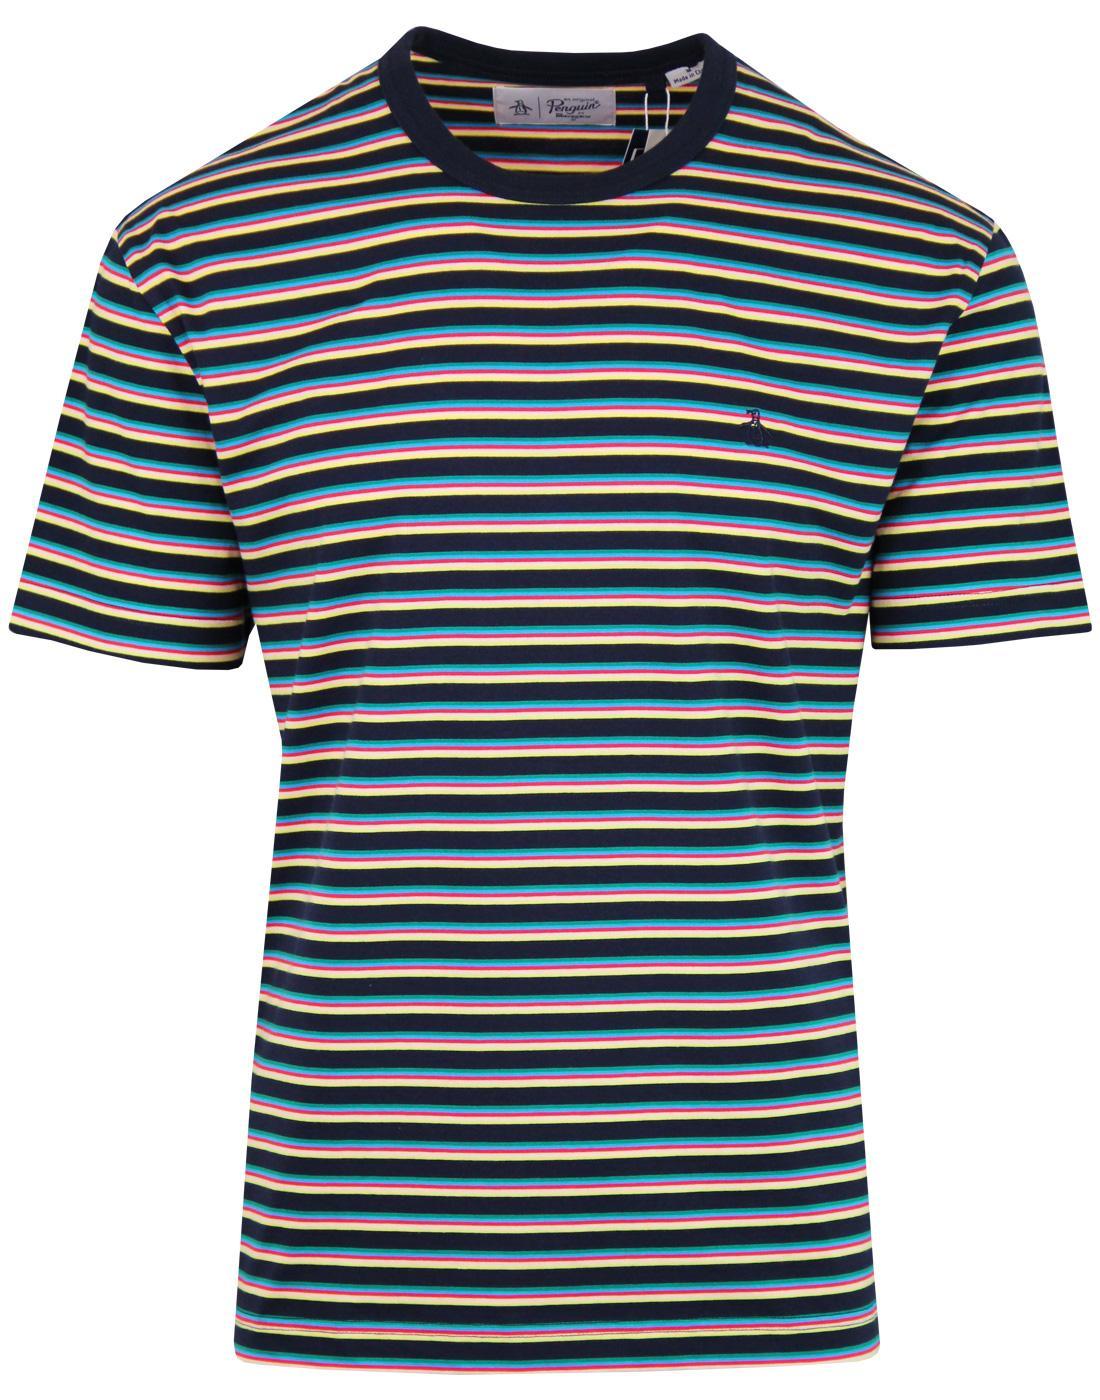 ORIGINAL PENGUIN Retro 70s Pop Stripe Crew T-shirt